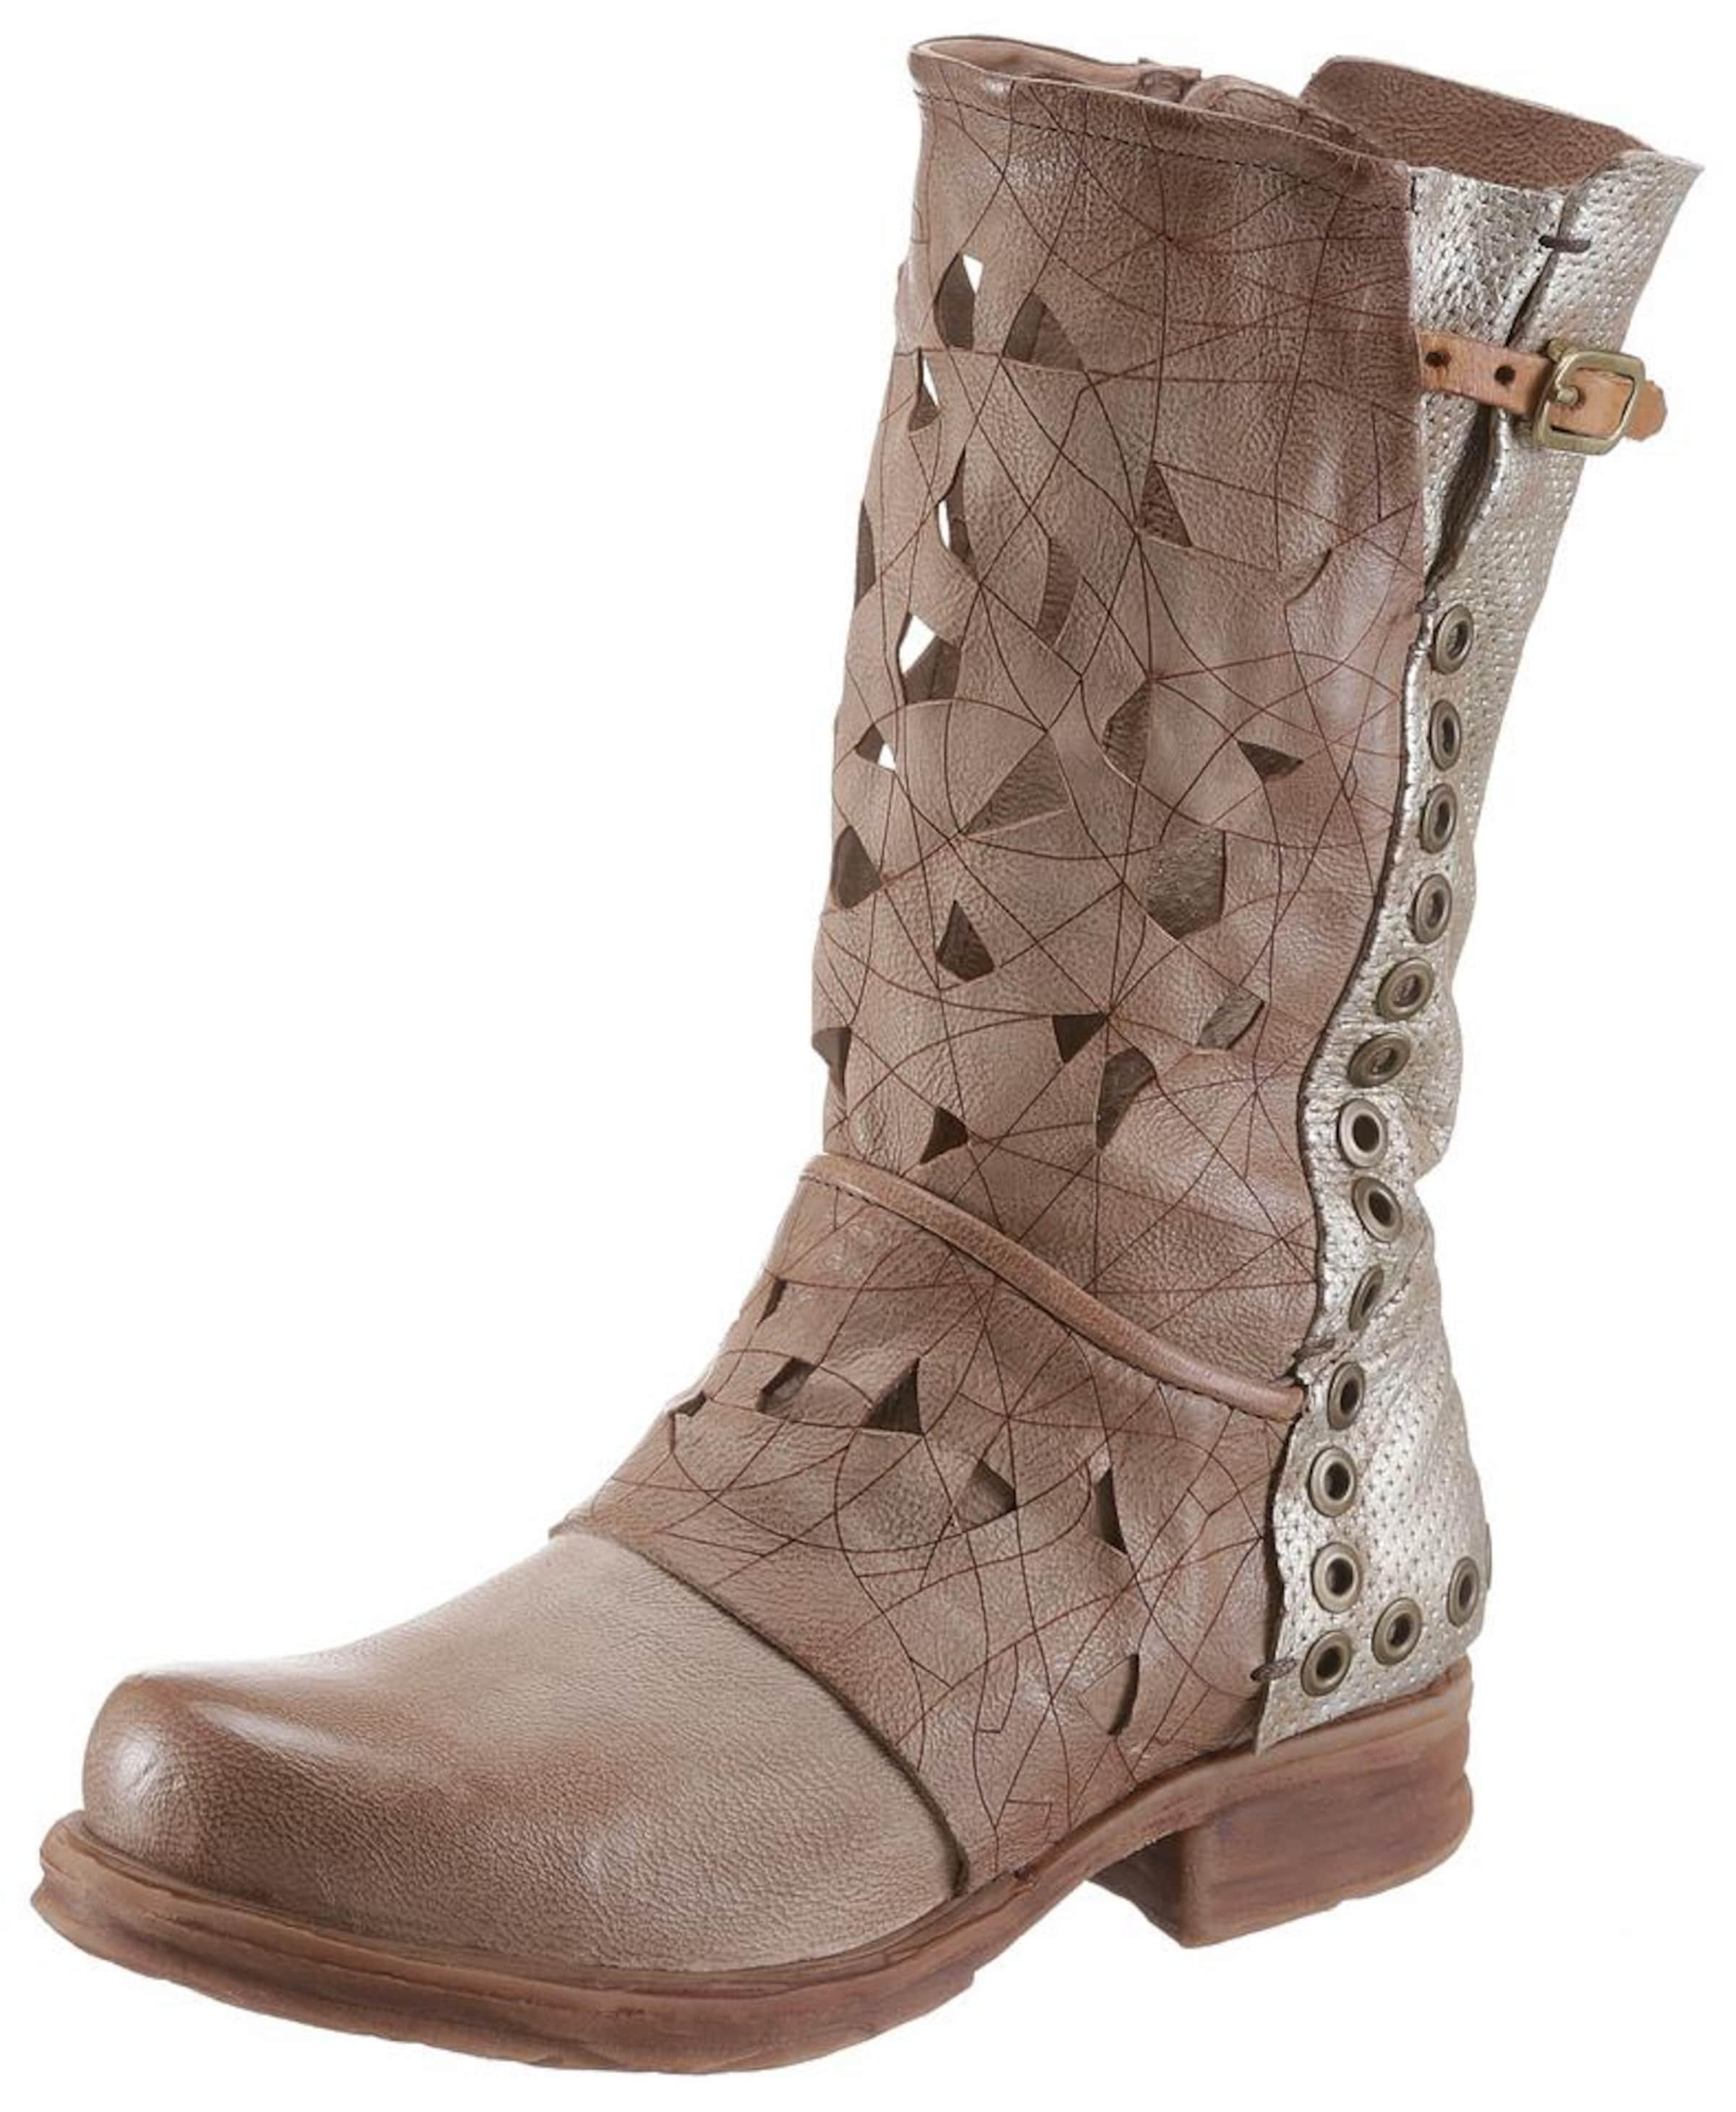 A.S.98 Cowboystiefel Saintec Verschleißfeste billige Schuhe